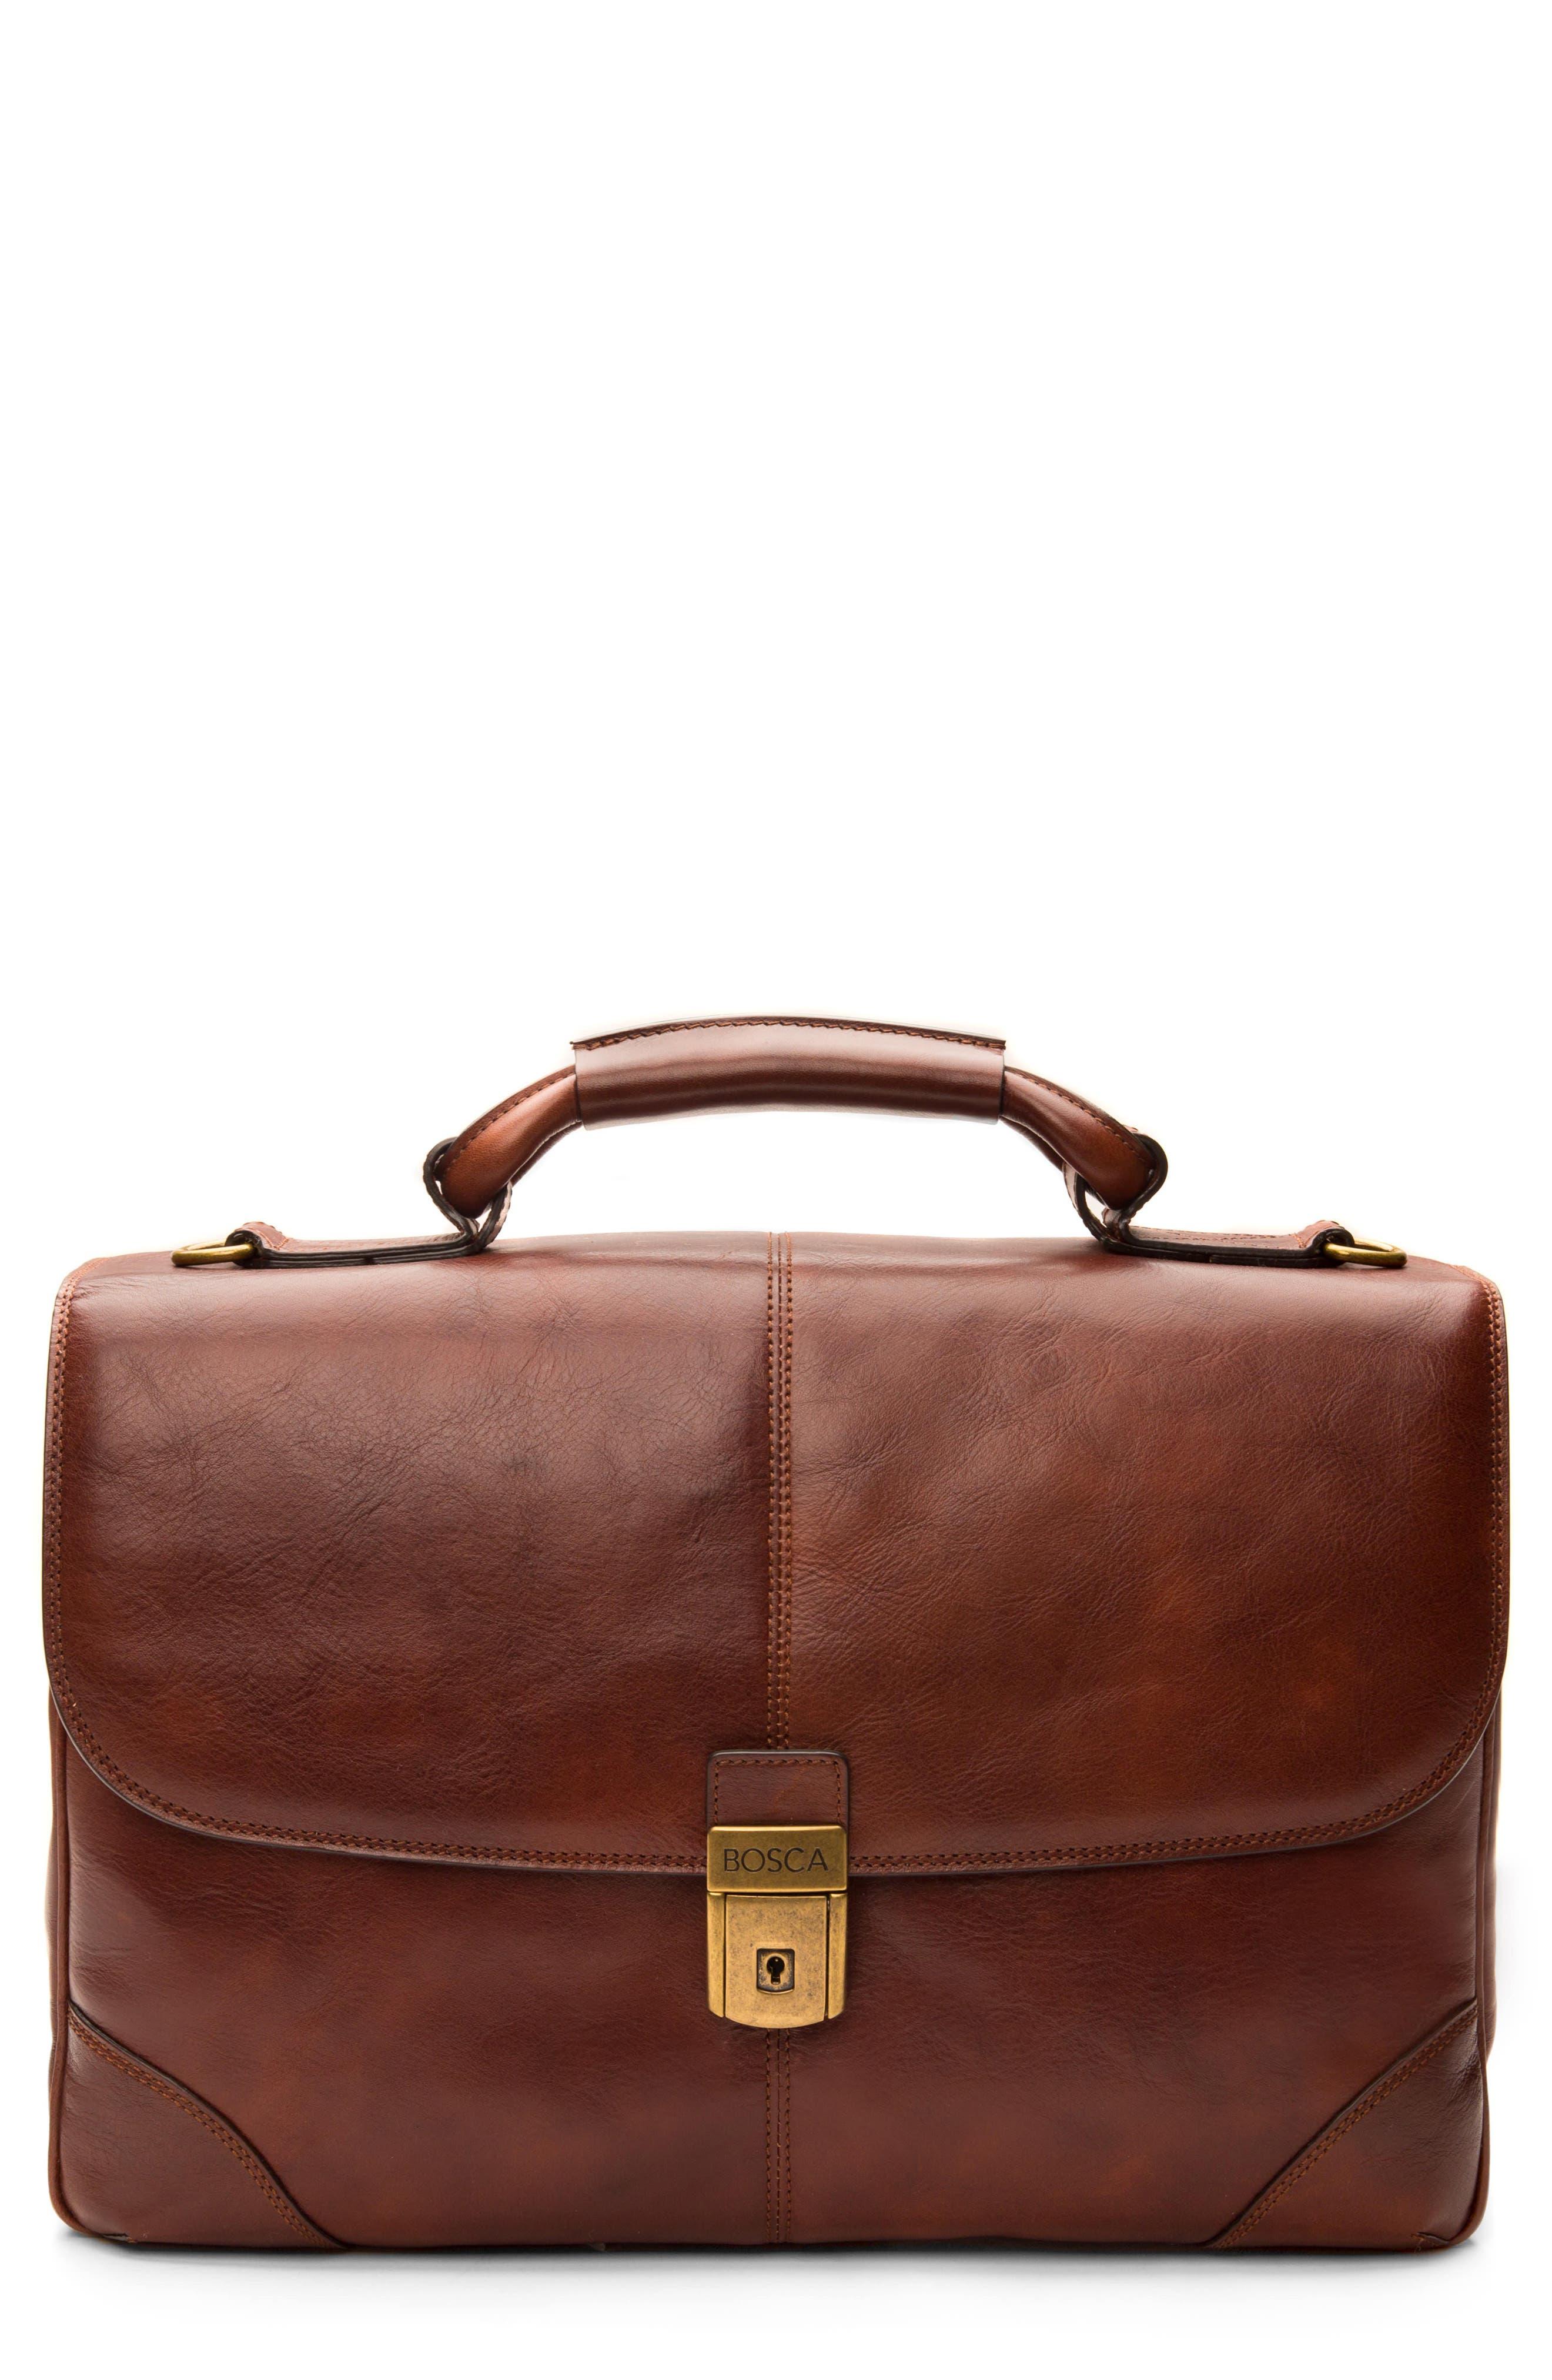 BOSCA Leather Briefcase, Main, color, DARK BROWN